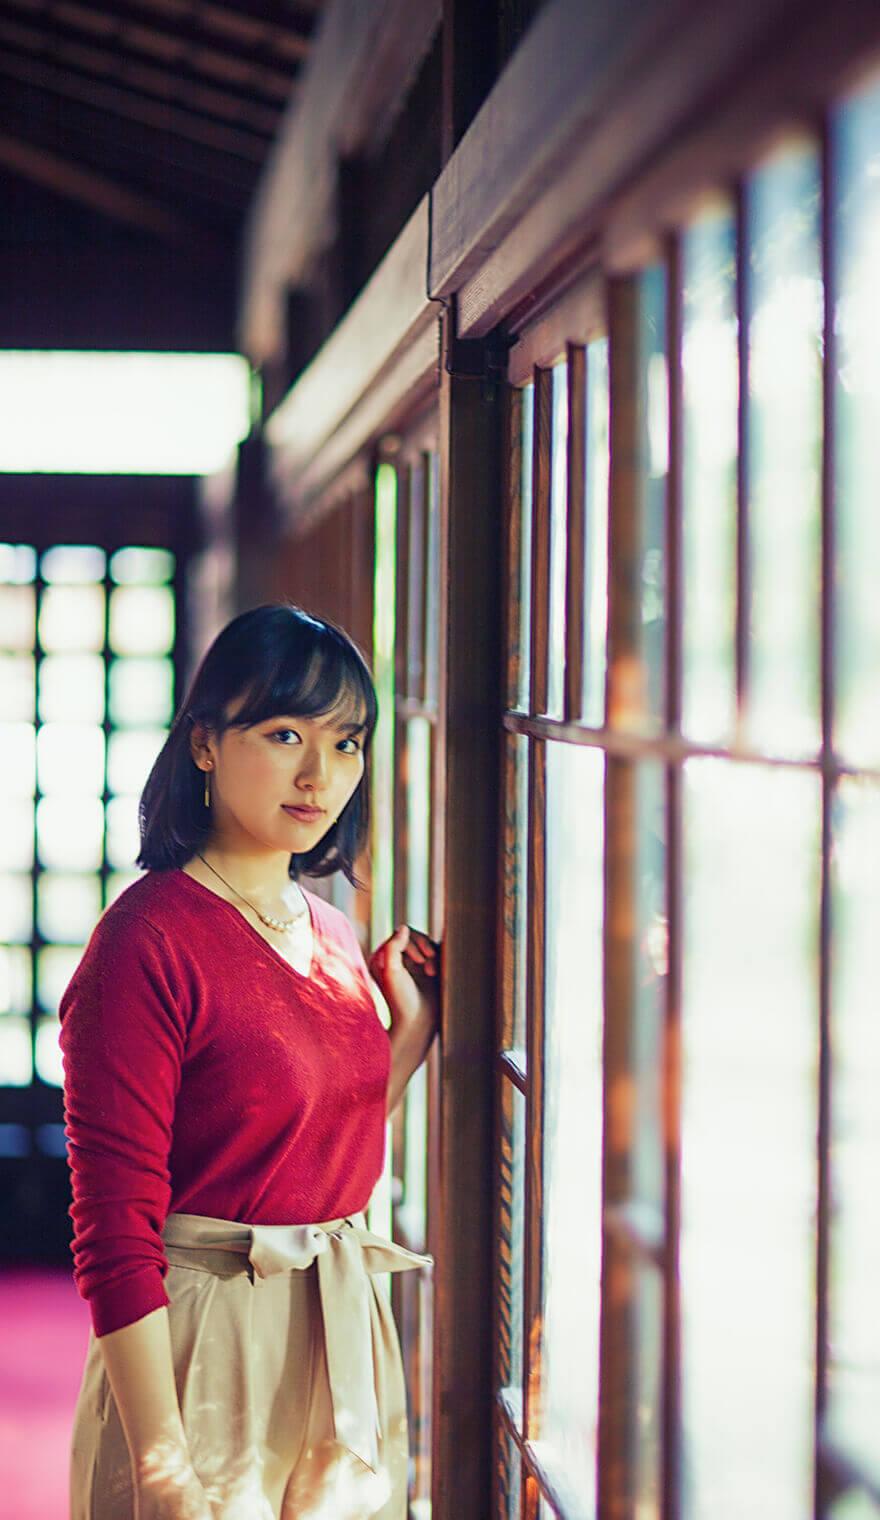 sekiyama-tate-ito8